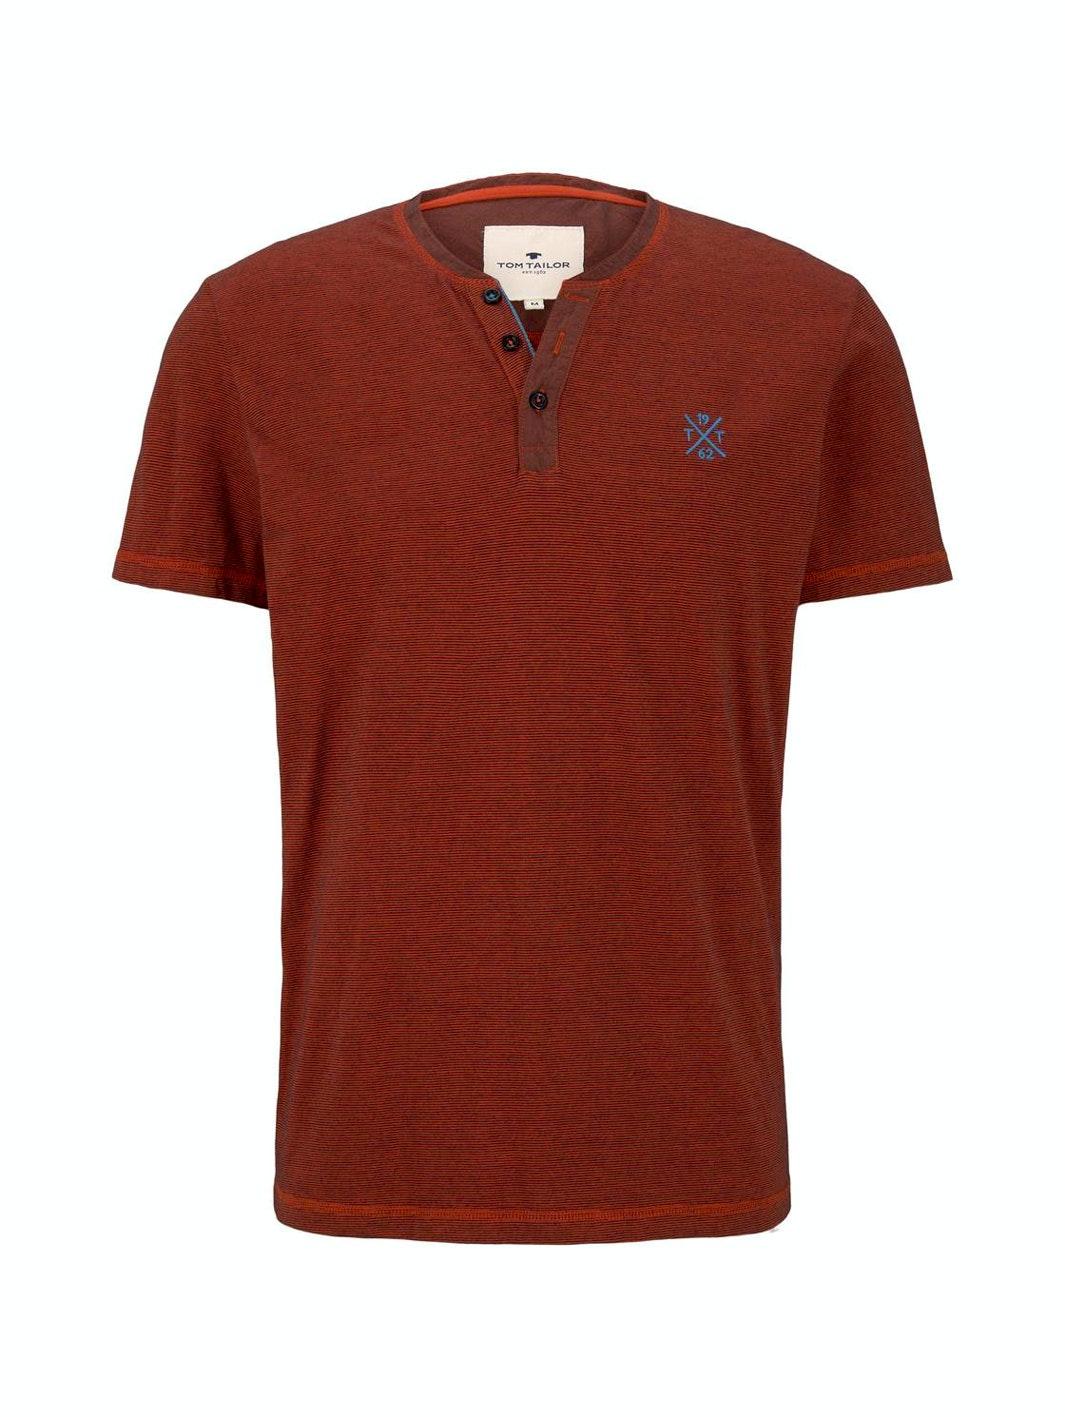 Tom Tailor Serafino Shirt mit Streifen